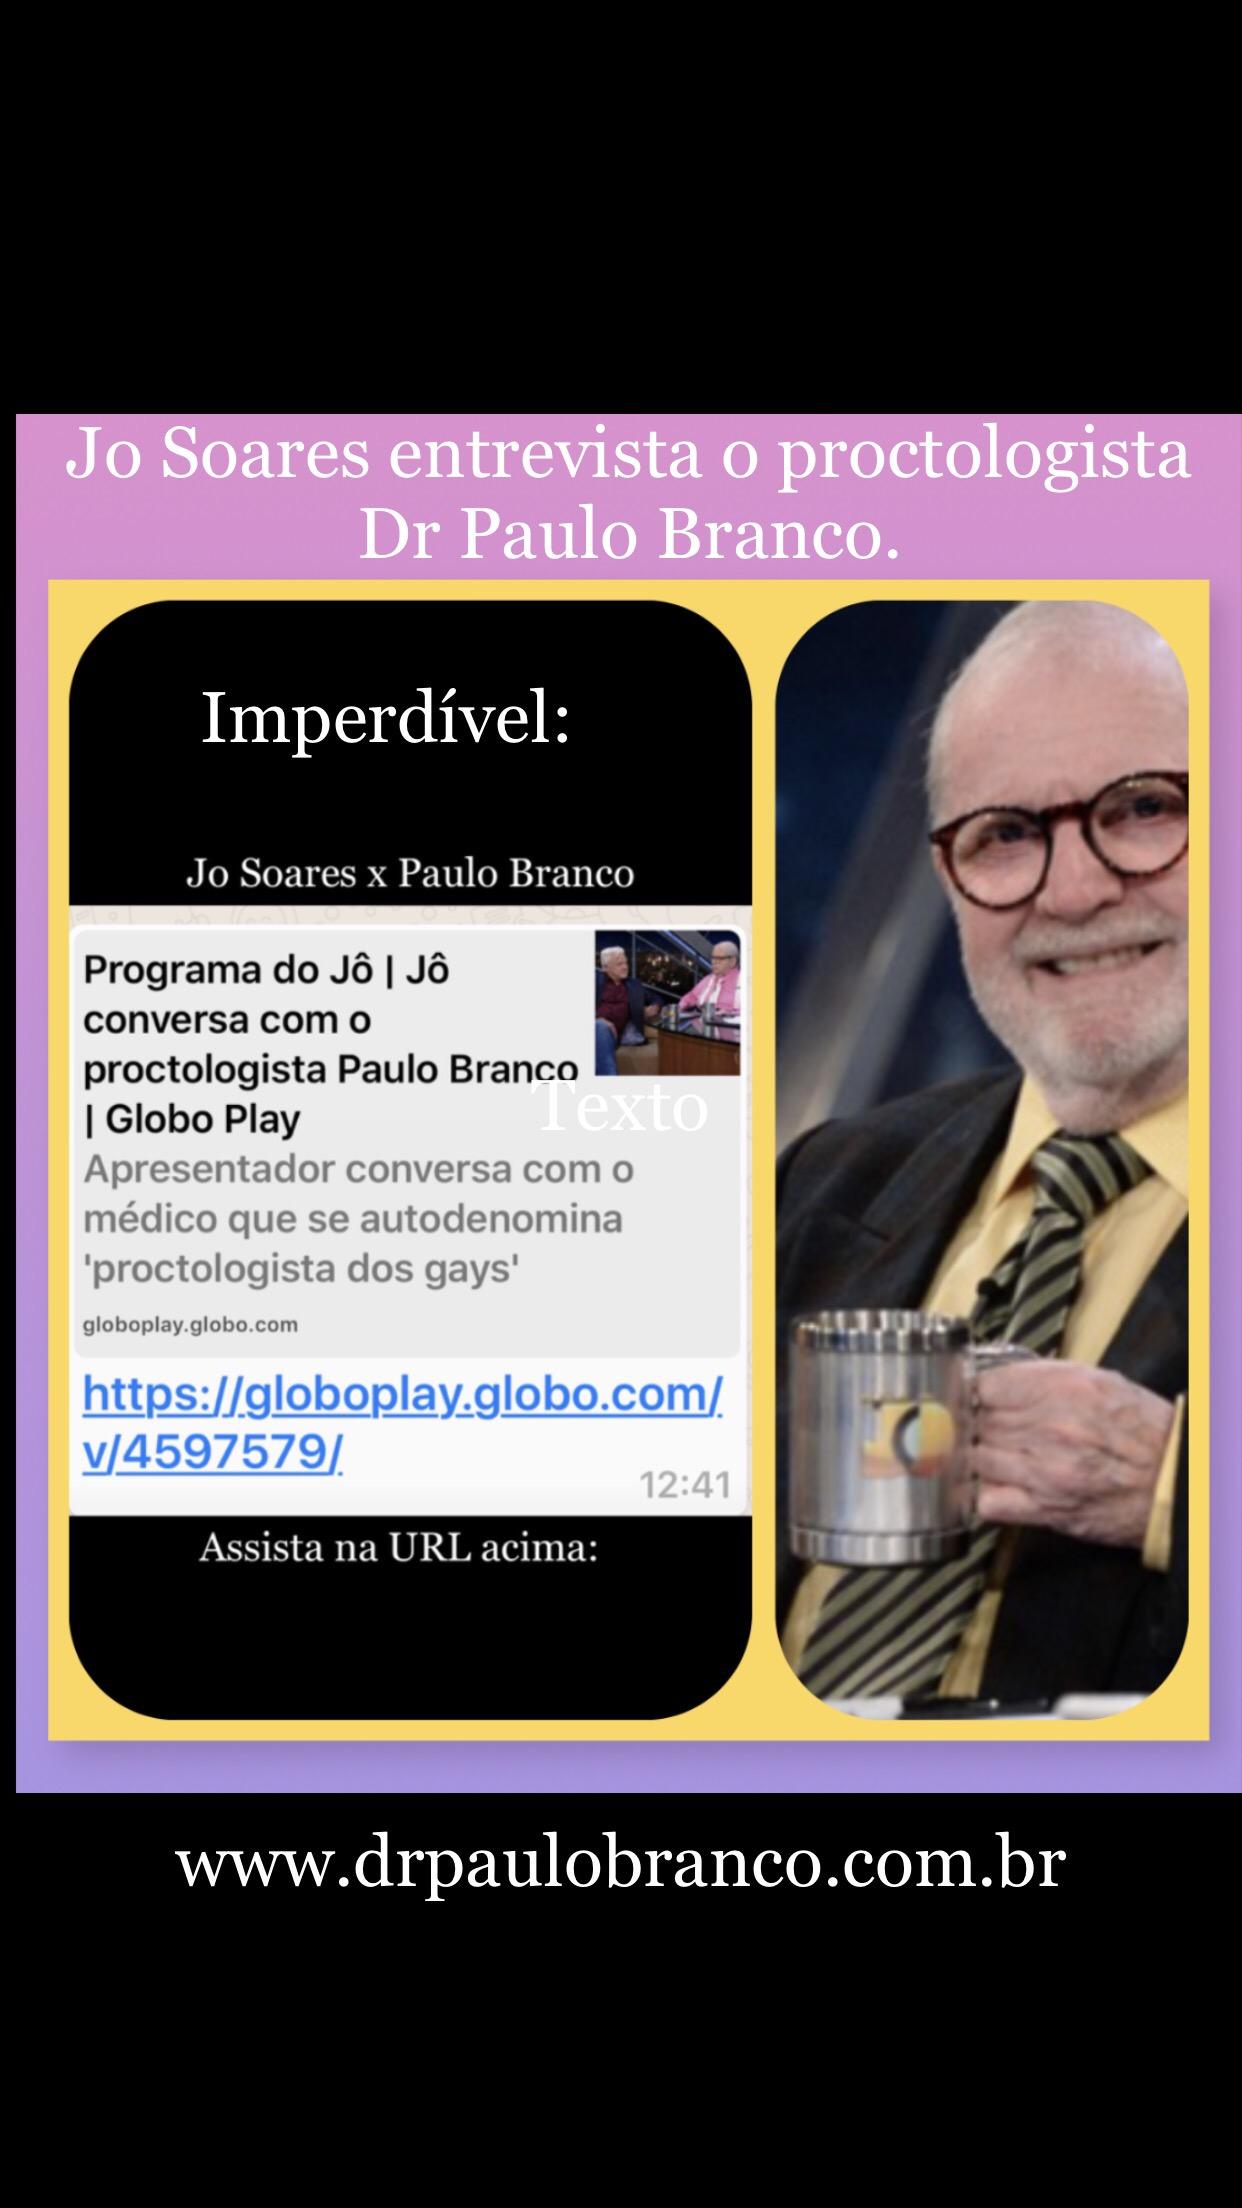 jo soares entrevista o proctologista para o gay Dr Paulo Branco.